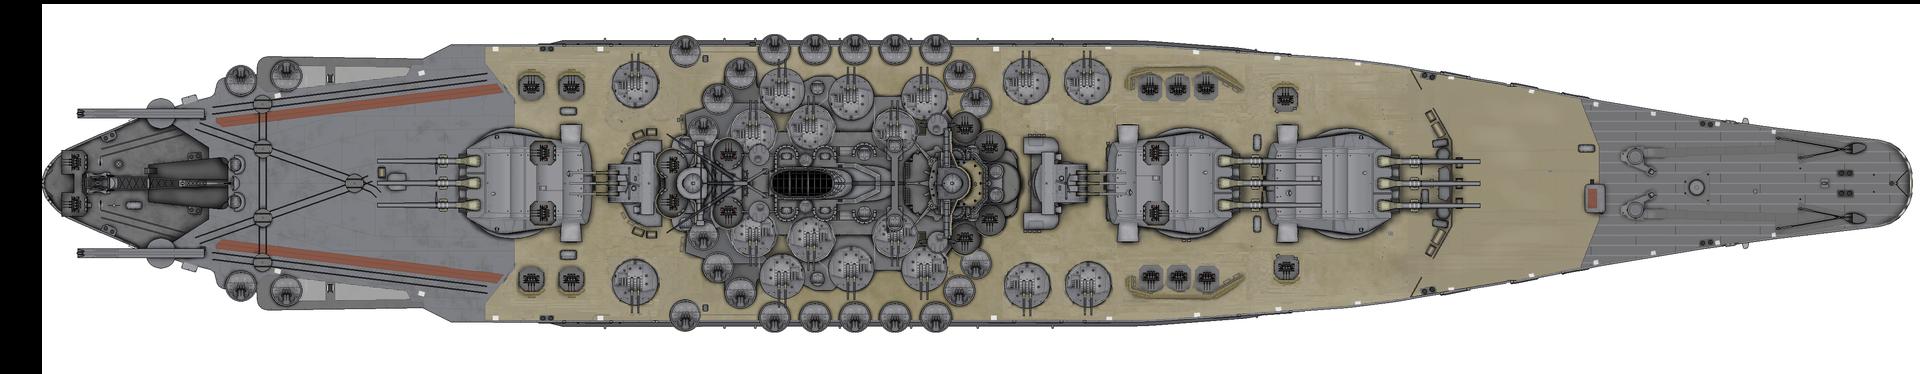 [Uchronie] IJN Yamato 1955 (Nichimo, Fujimi et scratch 1/200°) par habikitokay - Page 2 Yamato17